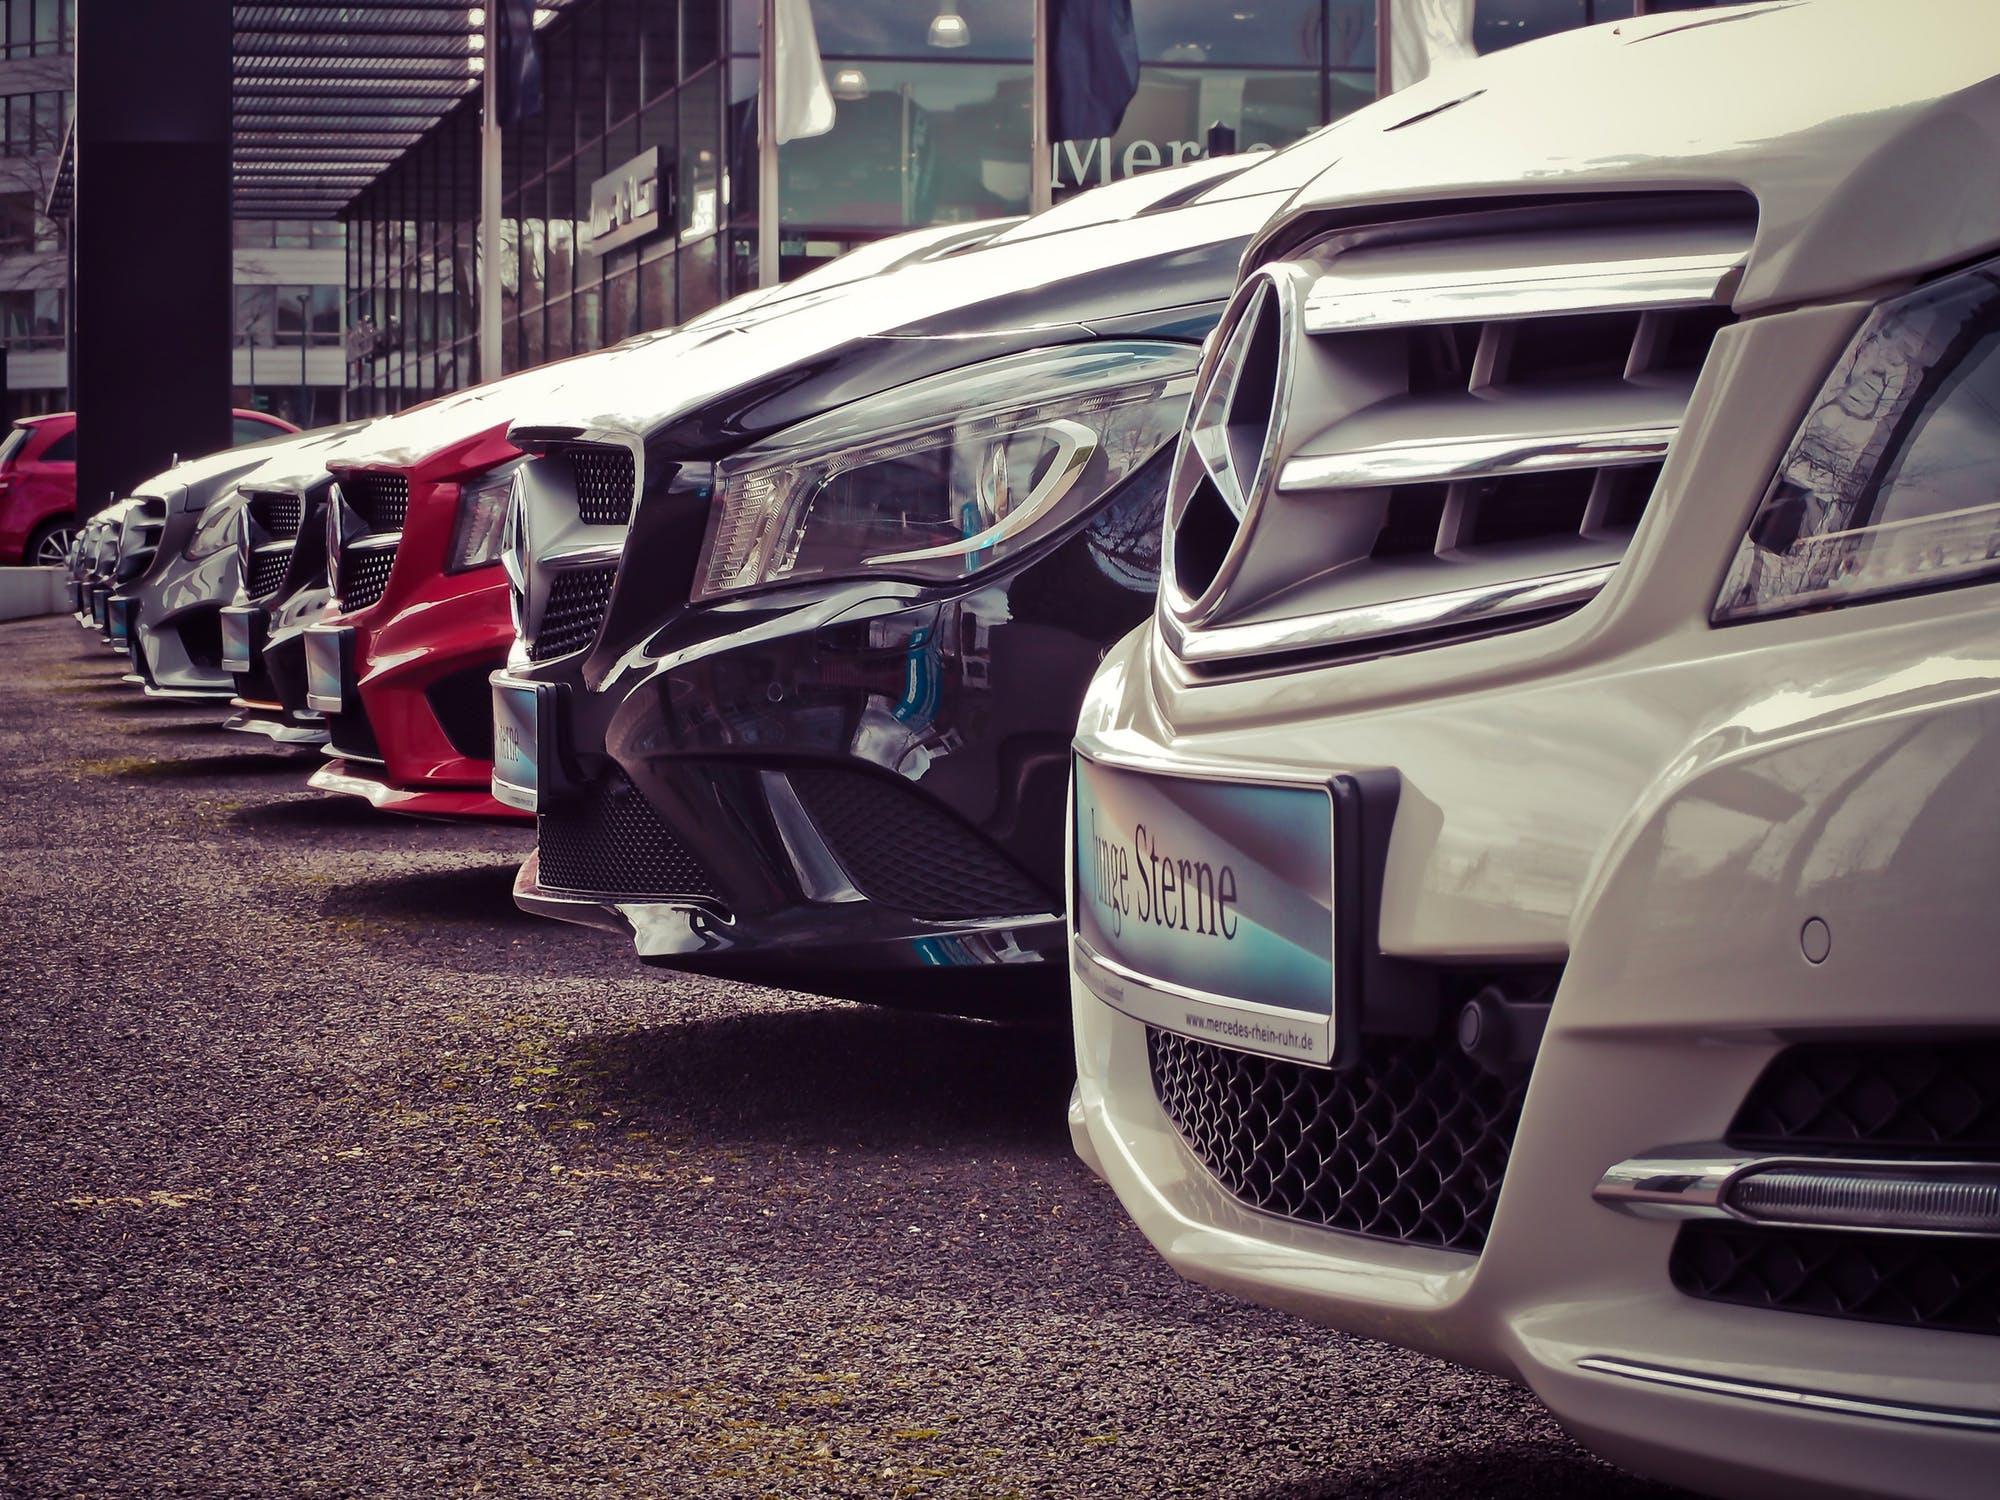 Automobilio draudimas Vilniuje – kur geriausia draustis?